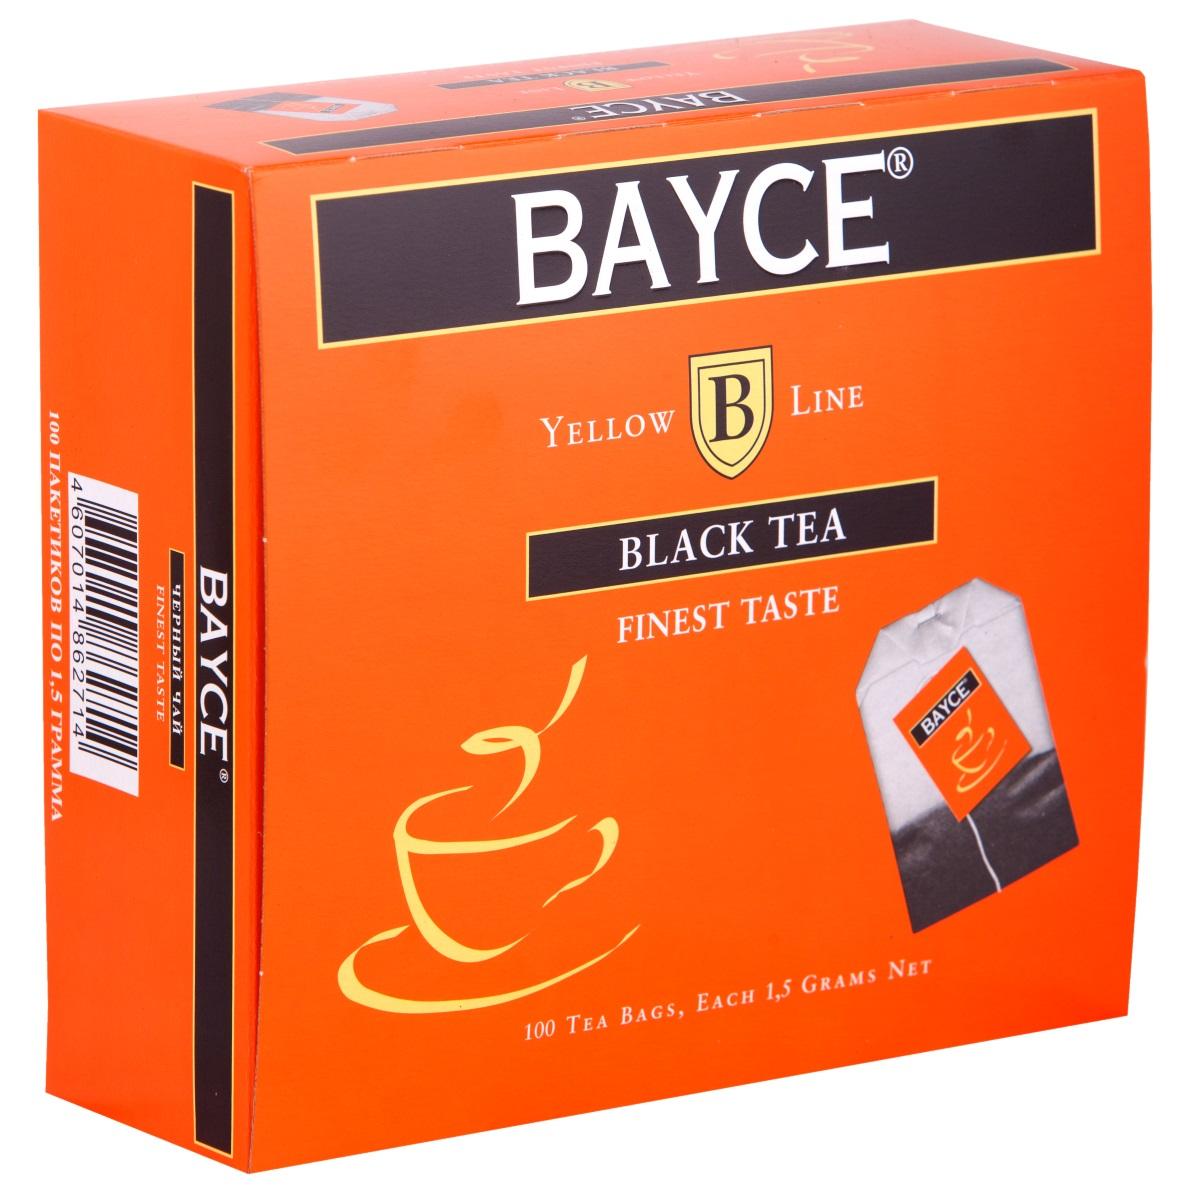 Bayce Файнест черный чай в пакетиках, 100 шт4607014862714Bayce Файнест - превосходный мелколистовой чай, собранный на лучших чайных плантациях Индии, Кении и острова Цейлон. Приятный вкус и полезные свойства делают этот сорт чая особенно привлекательным.